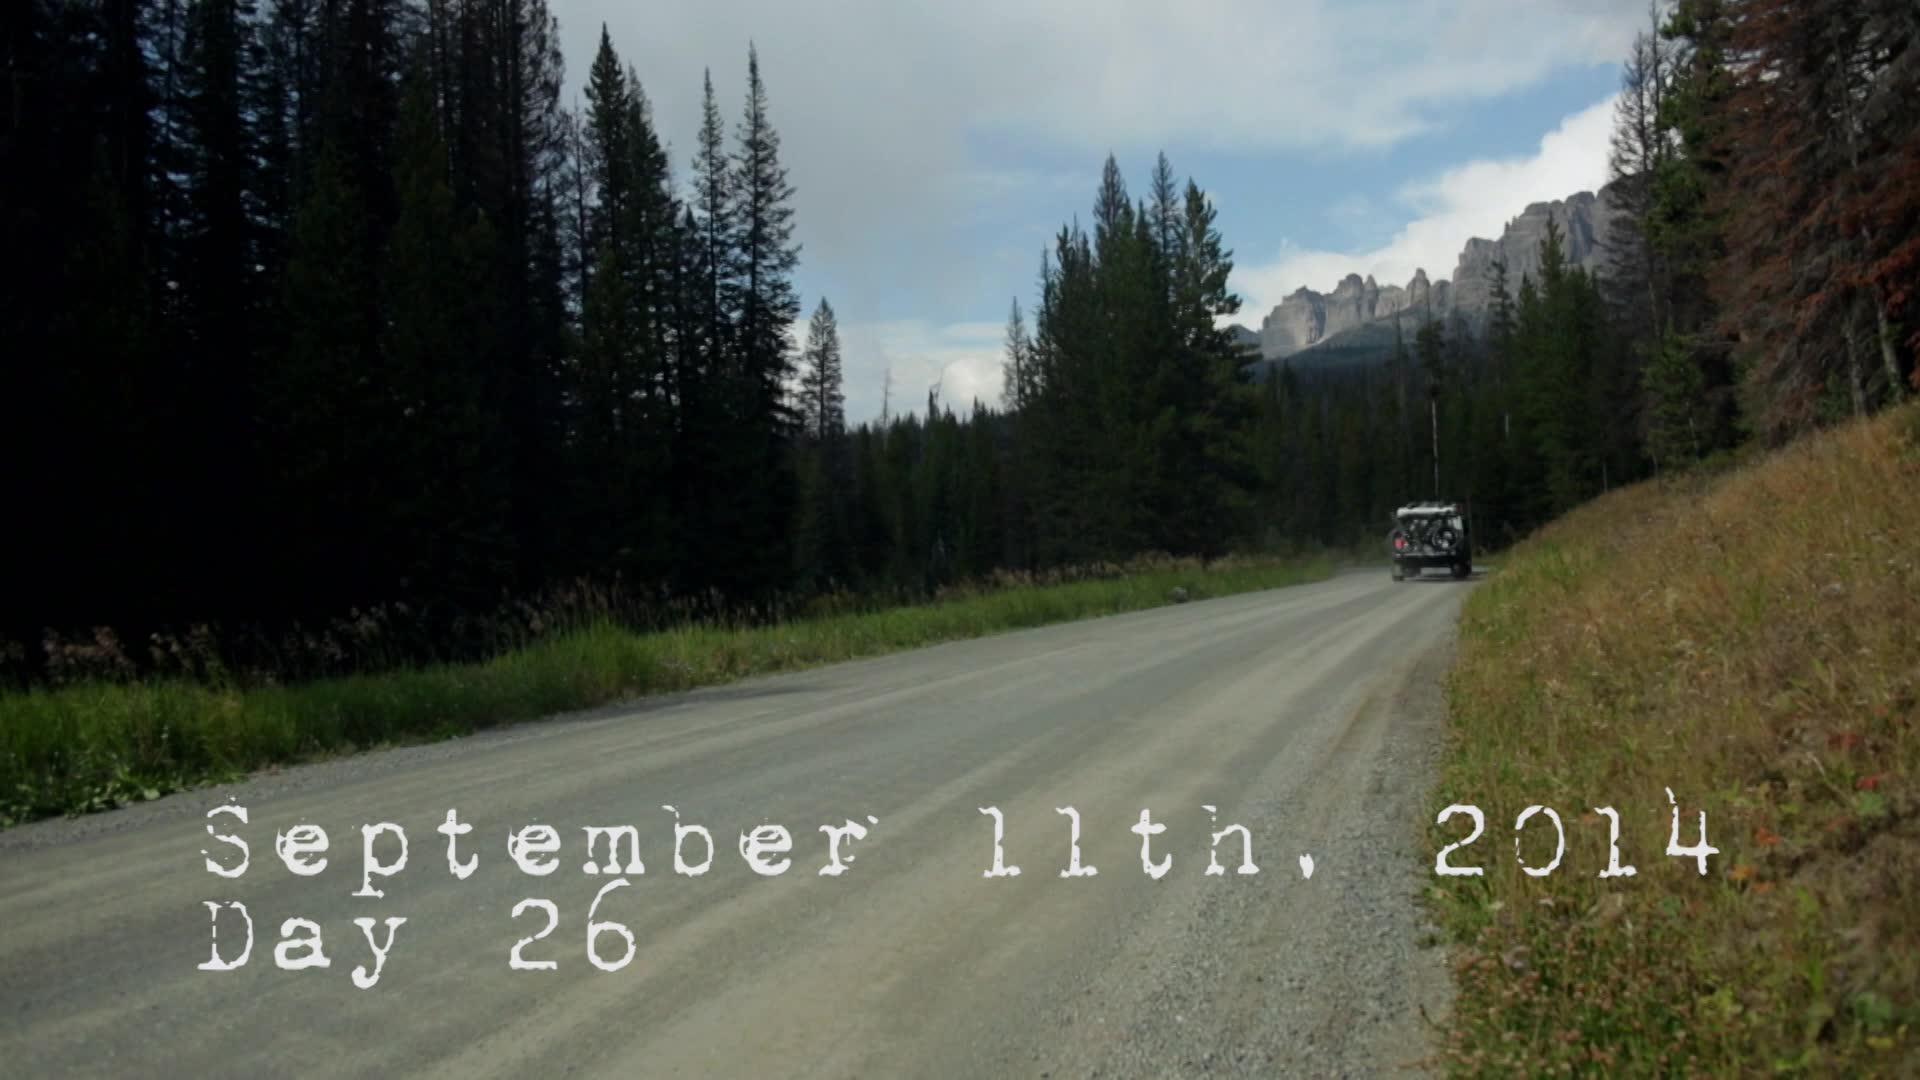 Idaho Shiraz Moose Flat - Petersen's Hunting TV Border to Border